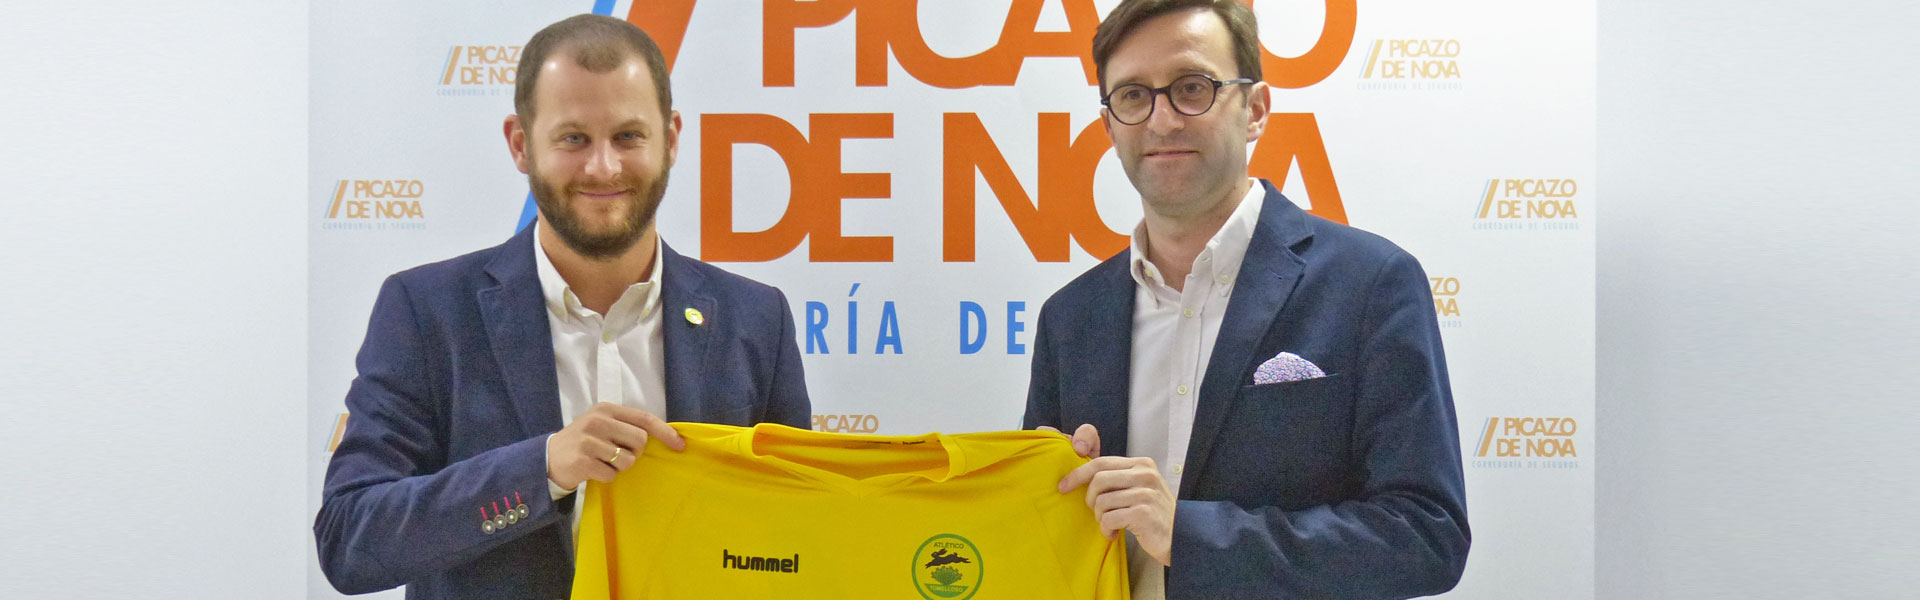 Picazo de Nova patrocina al Atlético Tomelloso